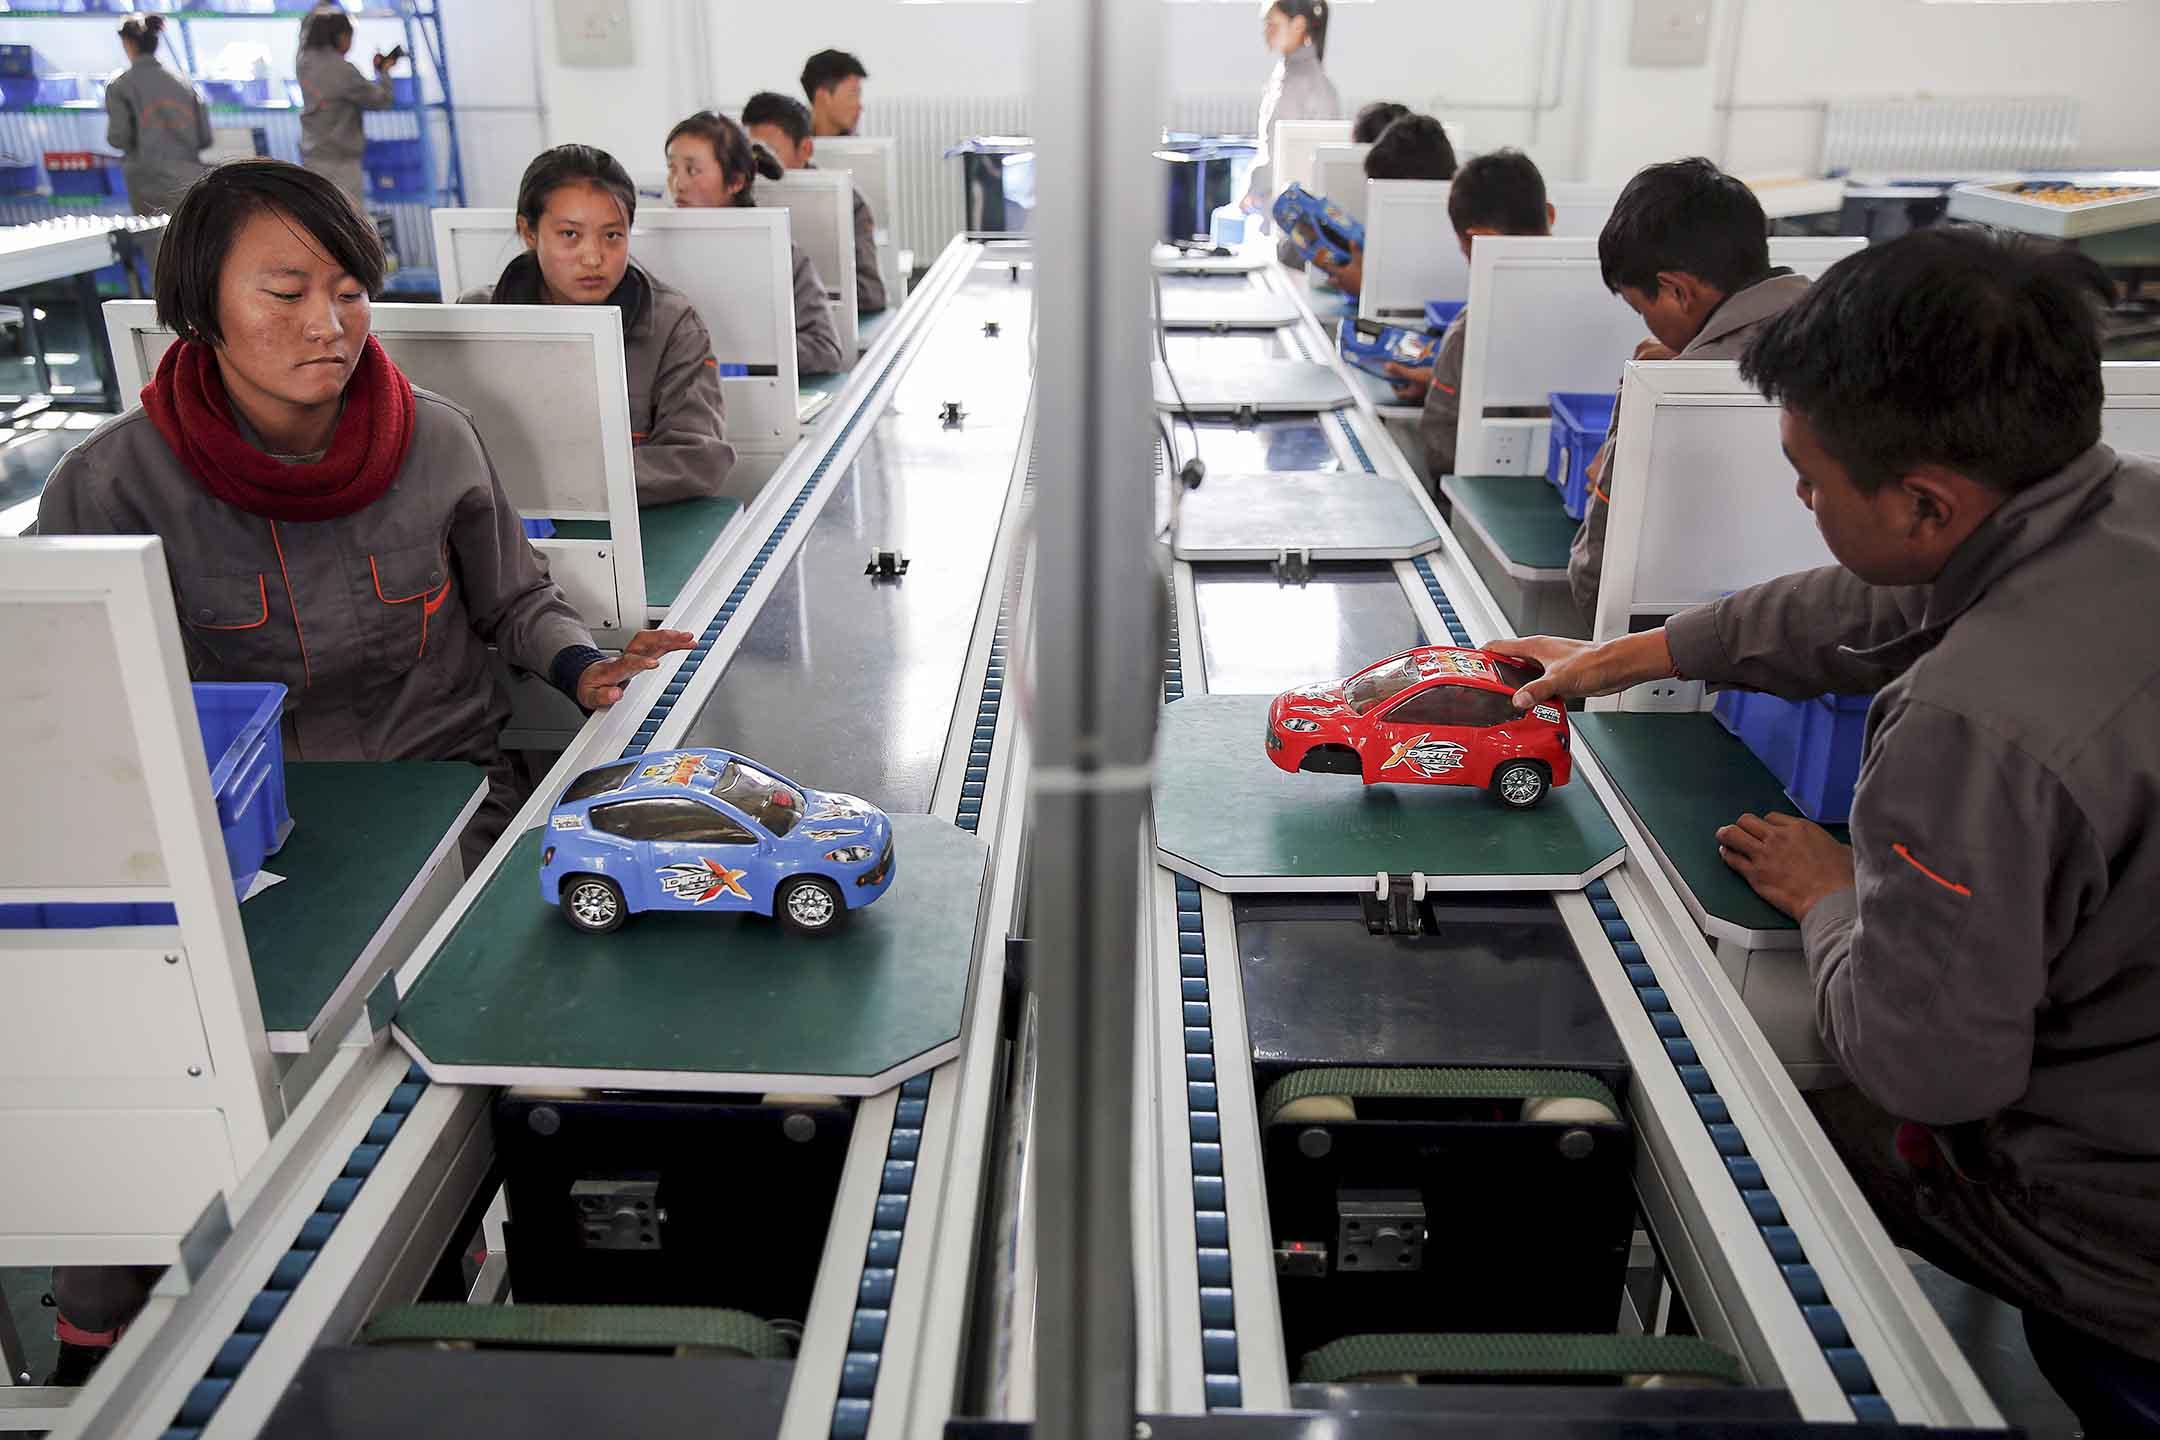 2015年11月19日西藏自治區拉薩市,一群外國記者參觀政府組織的一所職業學校,學生們在玩具汽車裝配線上工作。